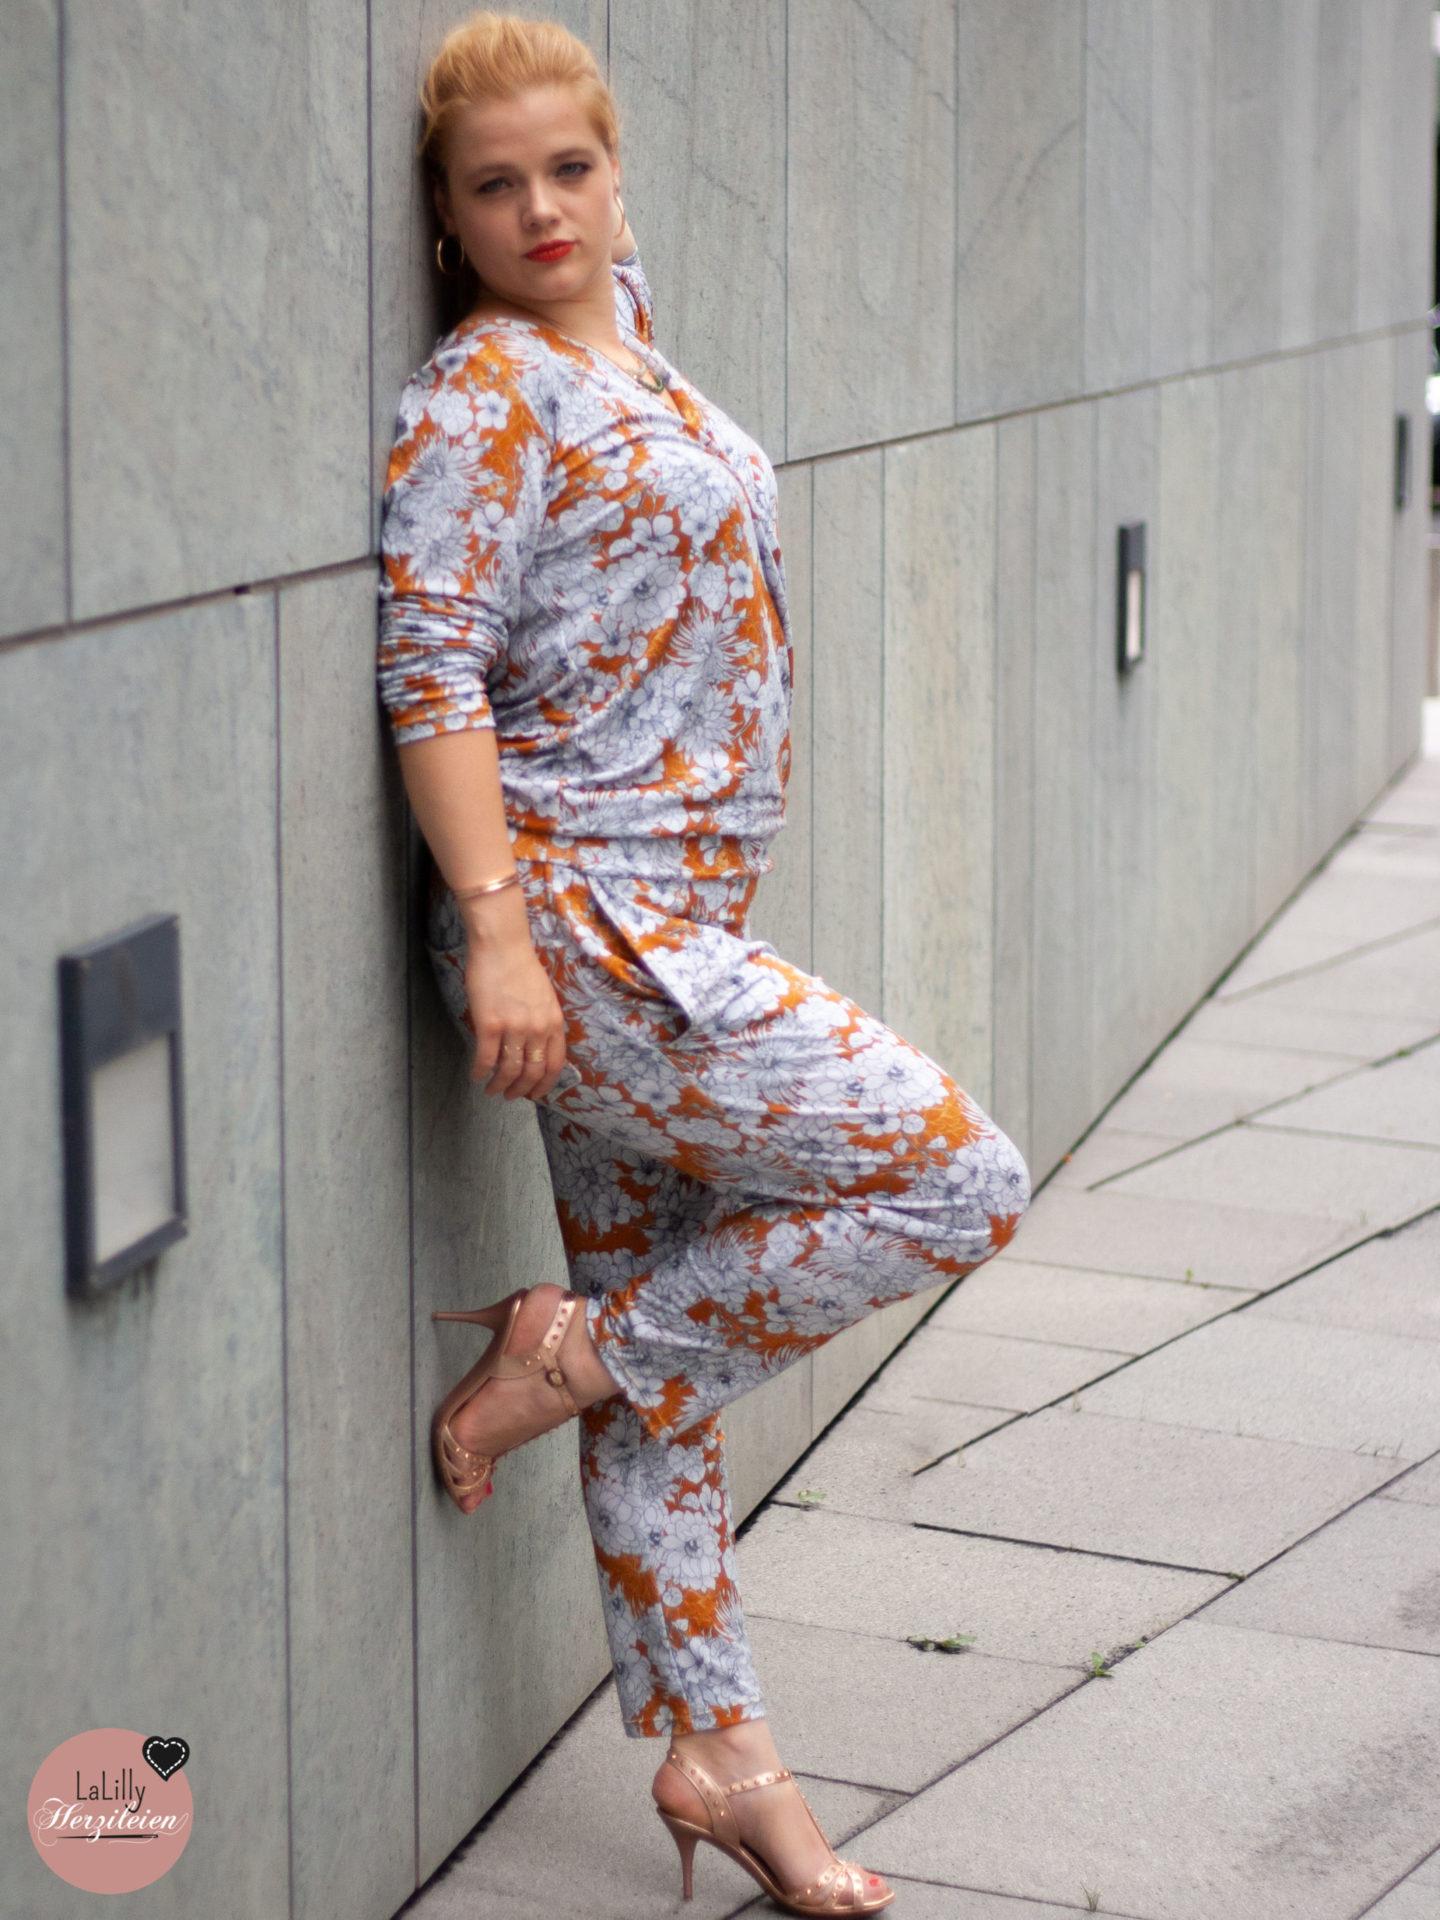 """Nachdem ich dir schon einiges zum Fotografieren am Modell berichtet habe, geht es ins nächste Kapitel dieses großen Themenkomplexes: Posing und Perspektive. Warum mein selbstgenähter Jumpsuit nicht wie ein Schlafanzug wirkt erkläre ich dir unterfüttert mit dem Wissen aus dem Buch """"Models richtig fotografieren"""" aus dem Stiebnerverlag"""